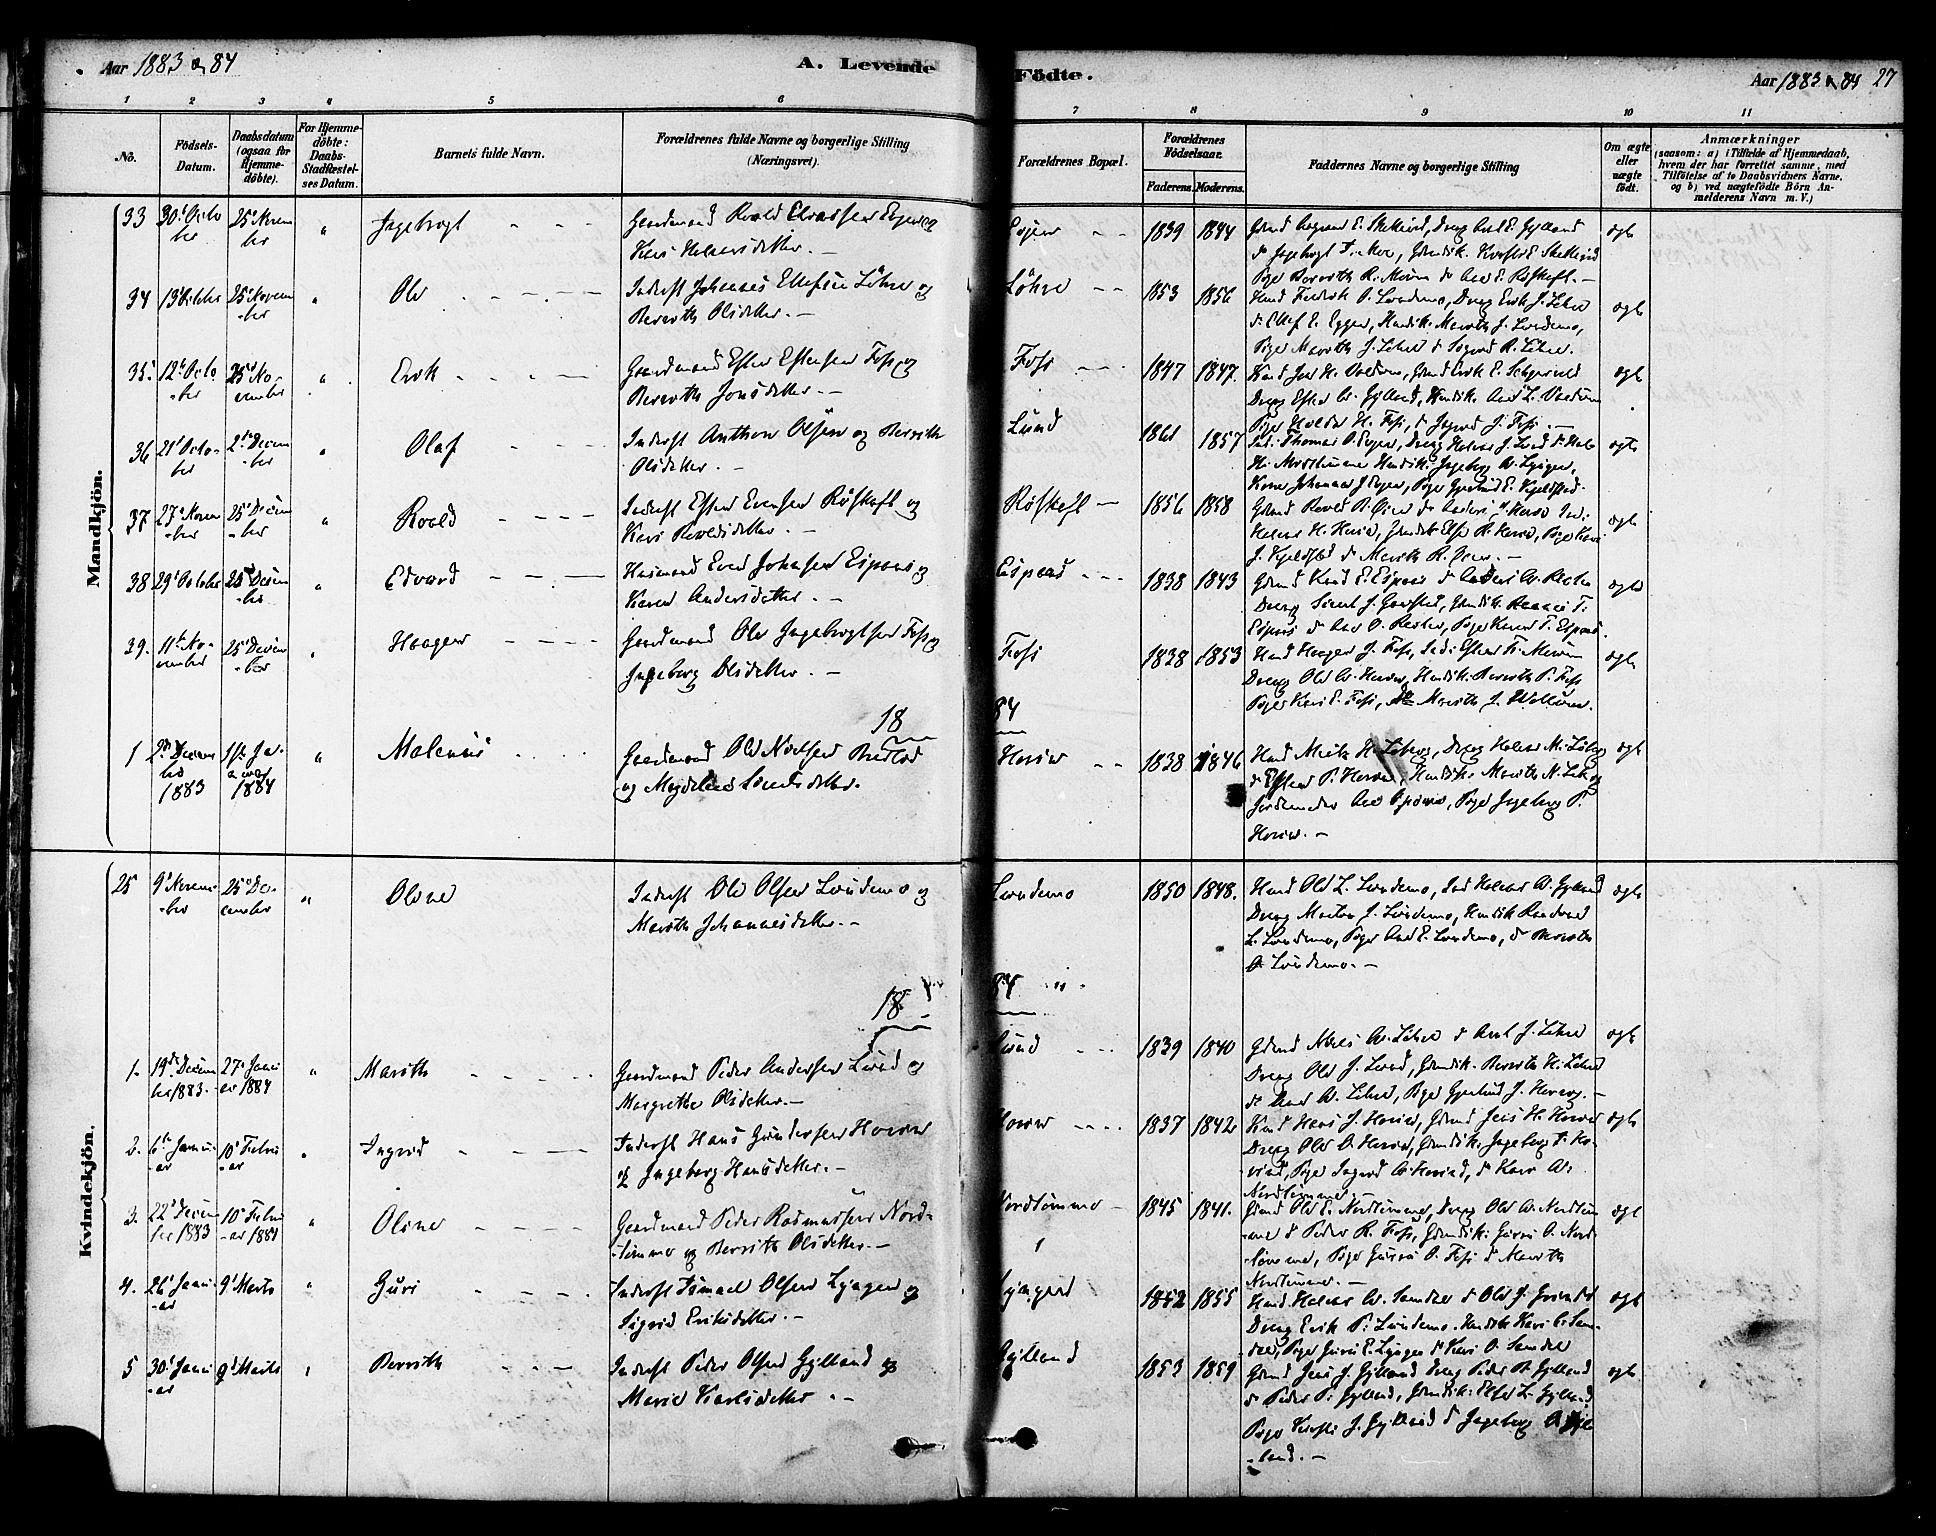 SAT, Ministerialprotokoller, klokkerbøker og fødselsregistre - Sør-Trøndelag, 692/L1105: Ministerialbok nr. 692A05, 1878-1890, s. 27